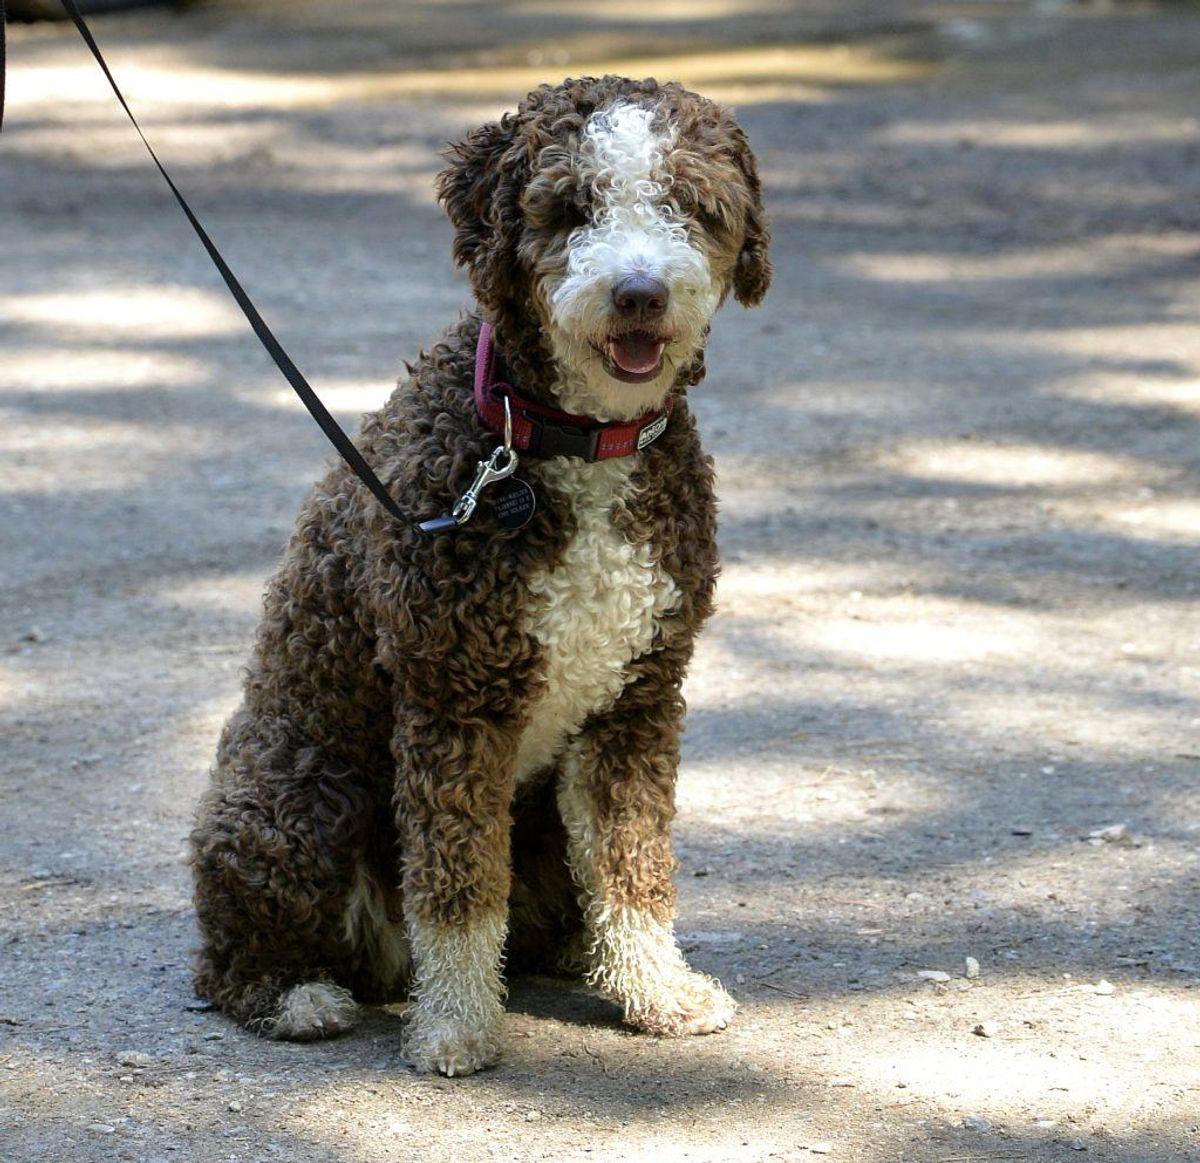 Spansk vandhund. Irish Soft-Coated Wheaten Terrier